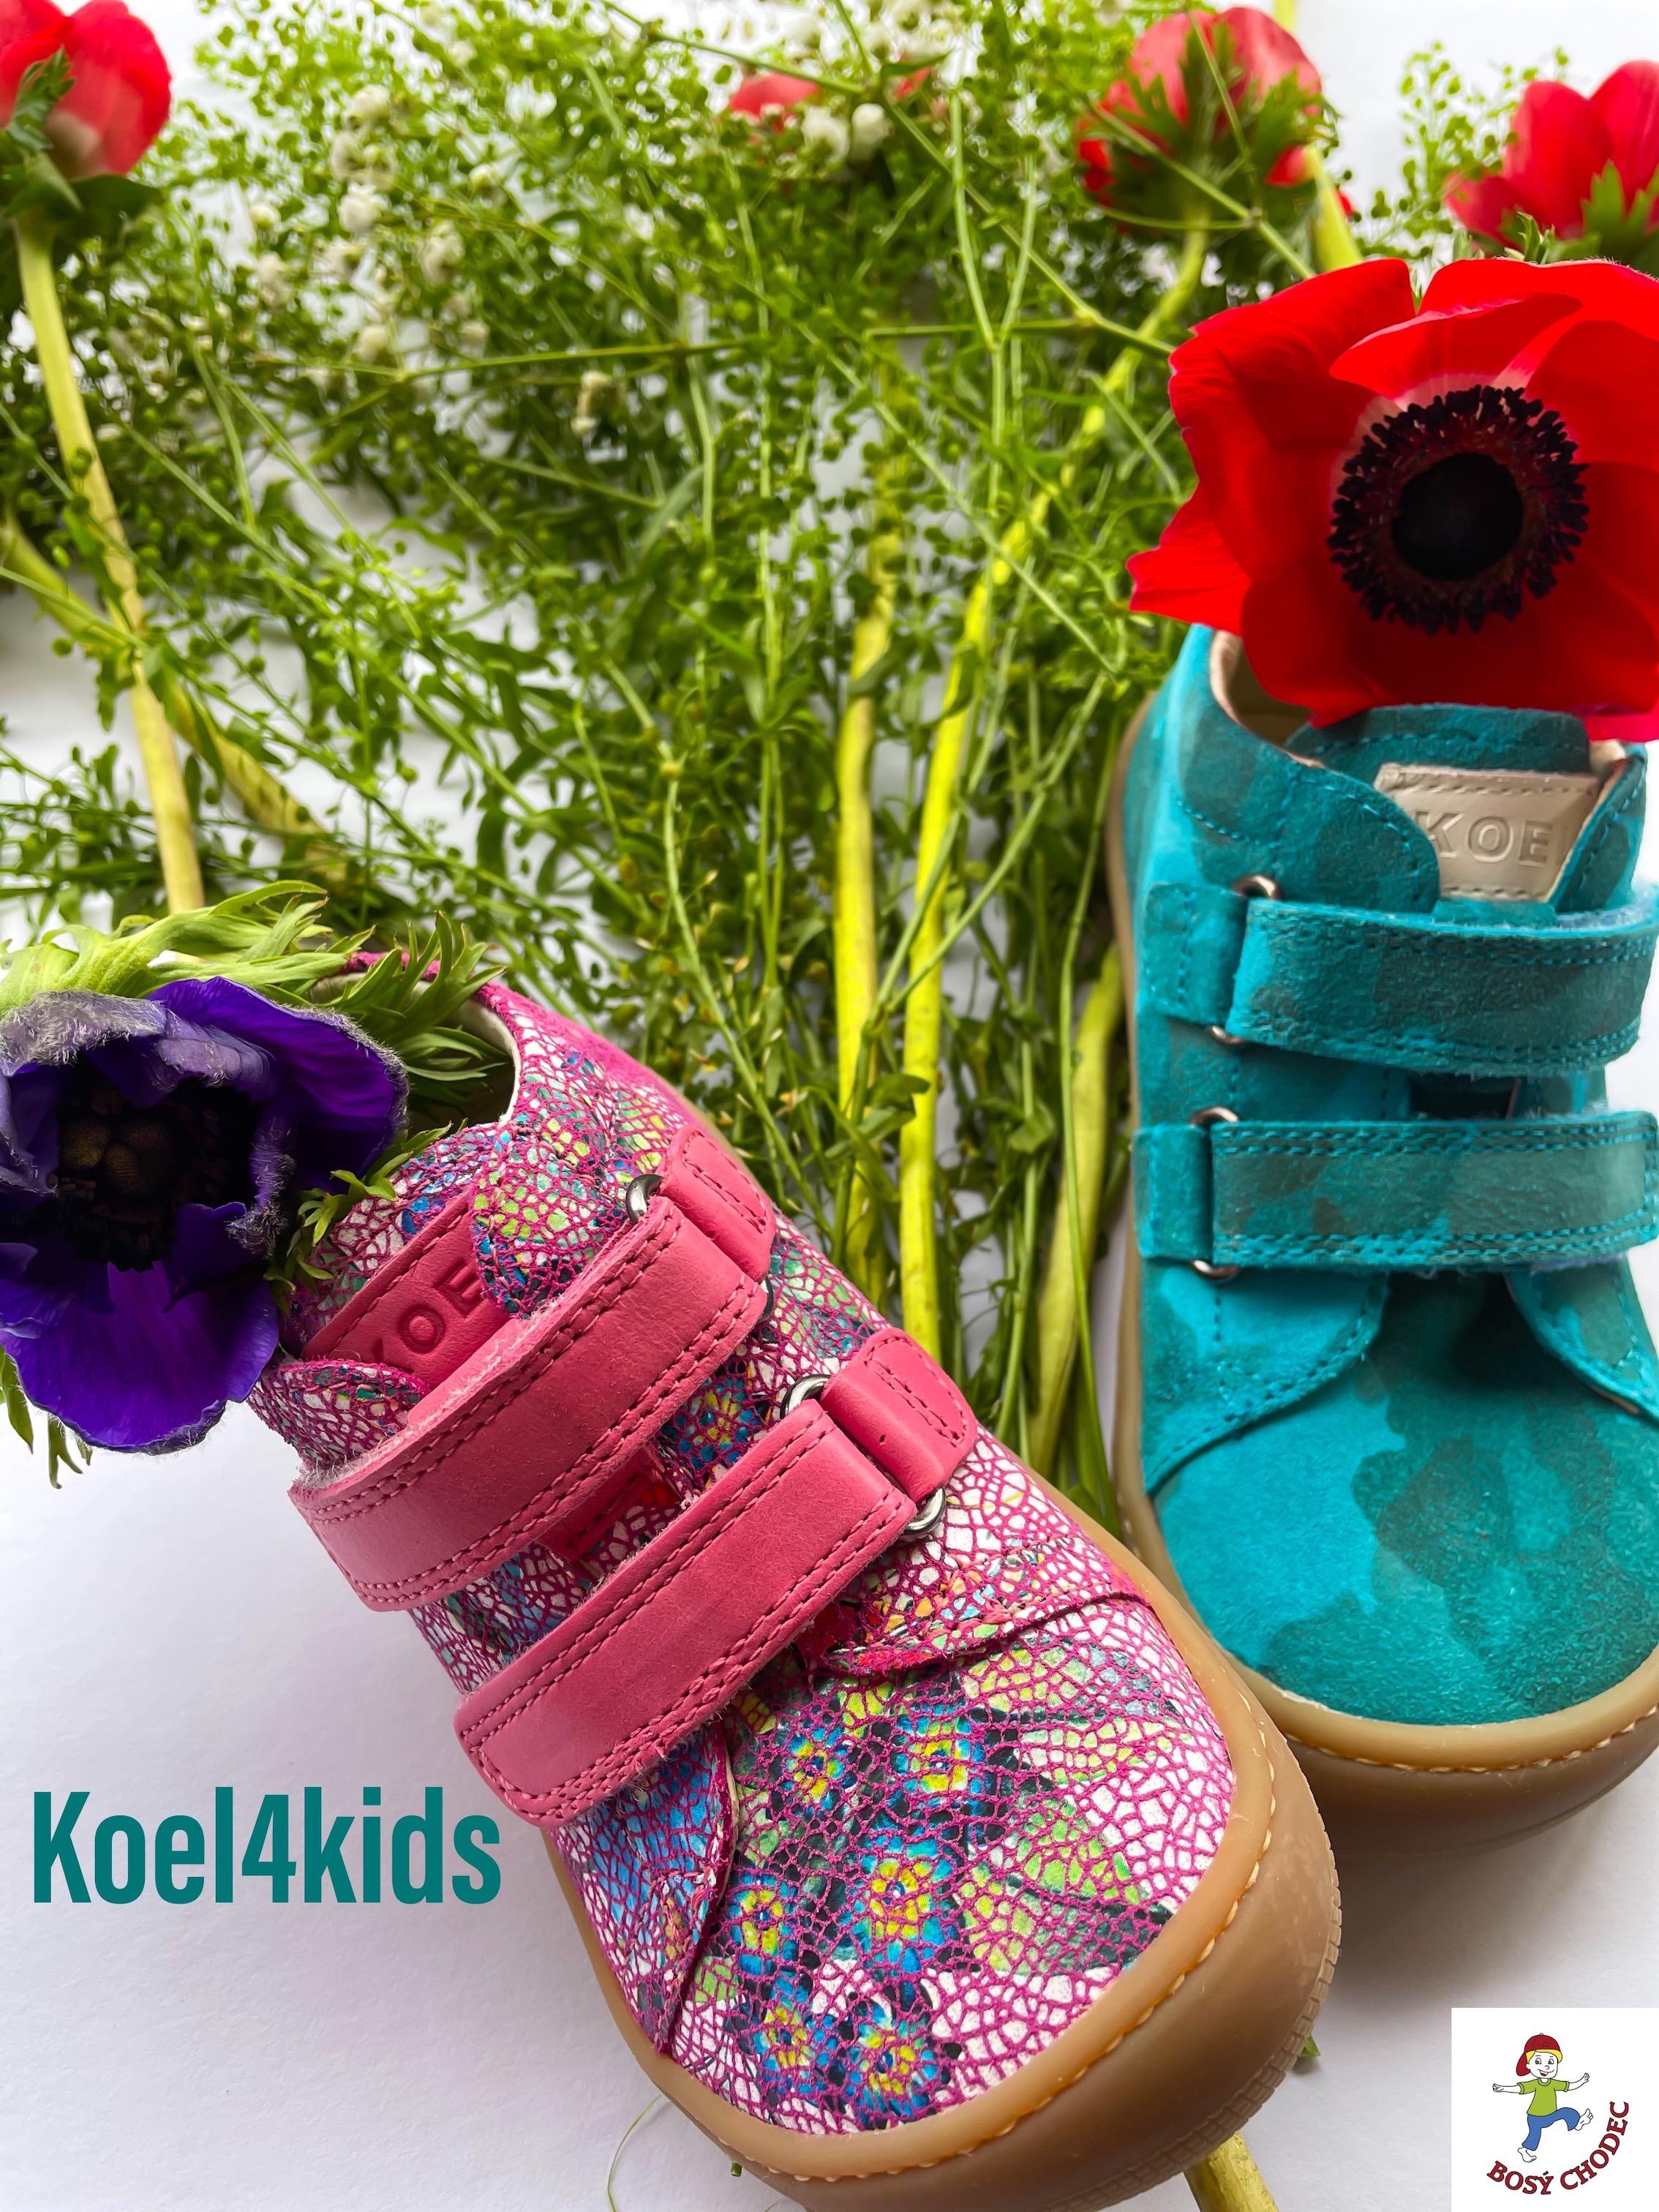 Koel4kids celoroční dětské boty